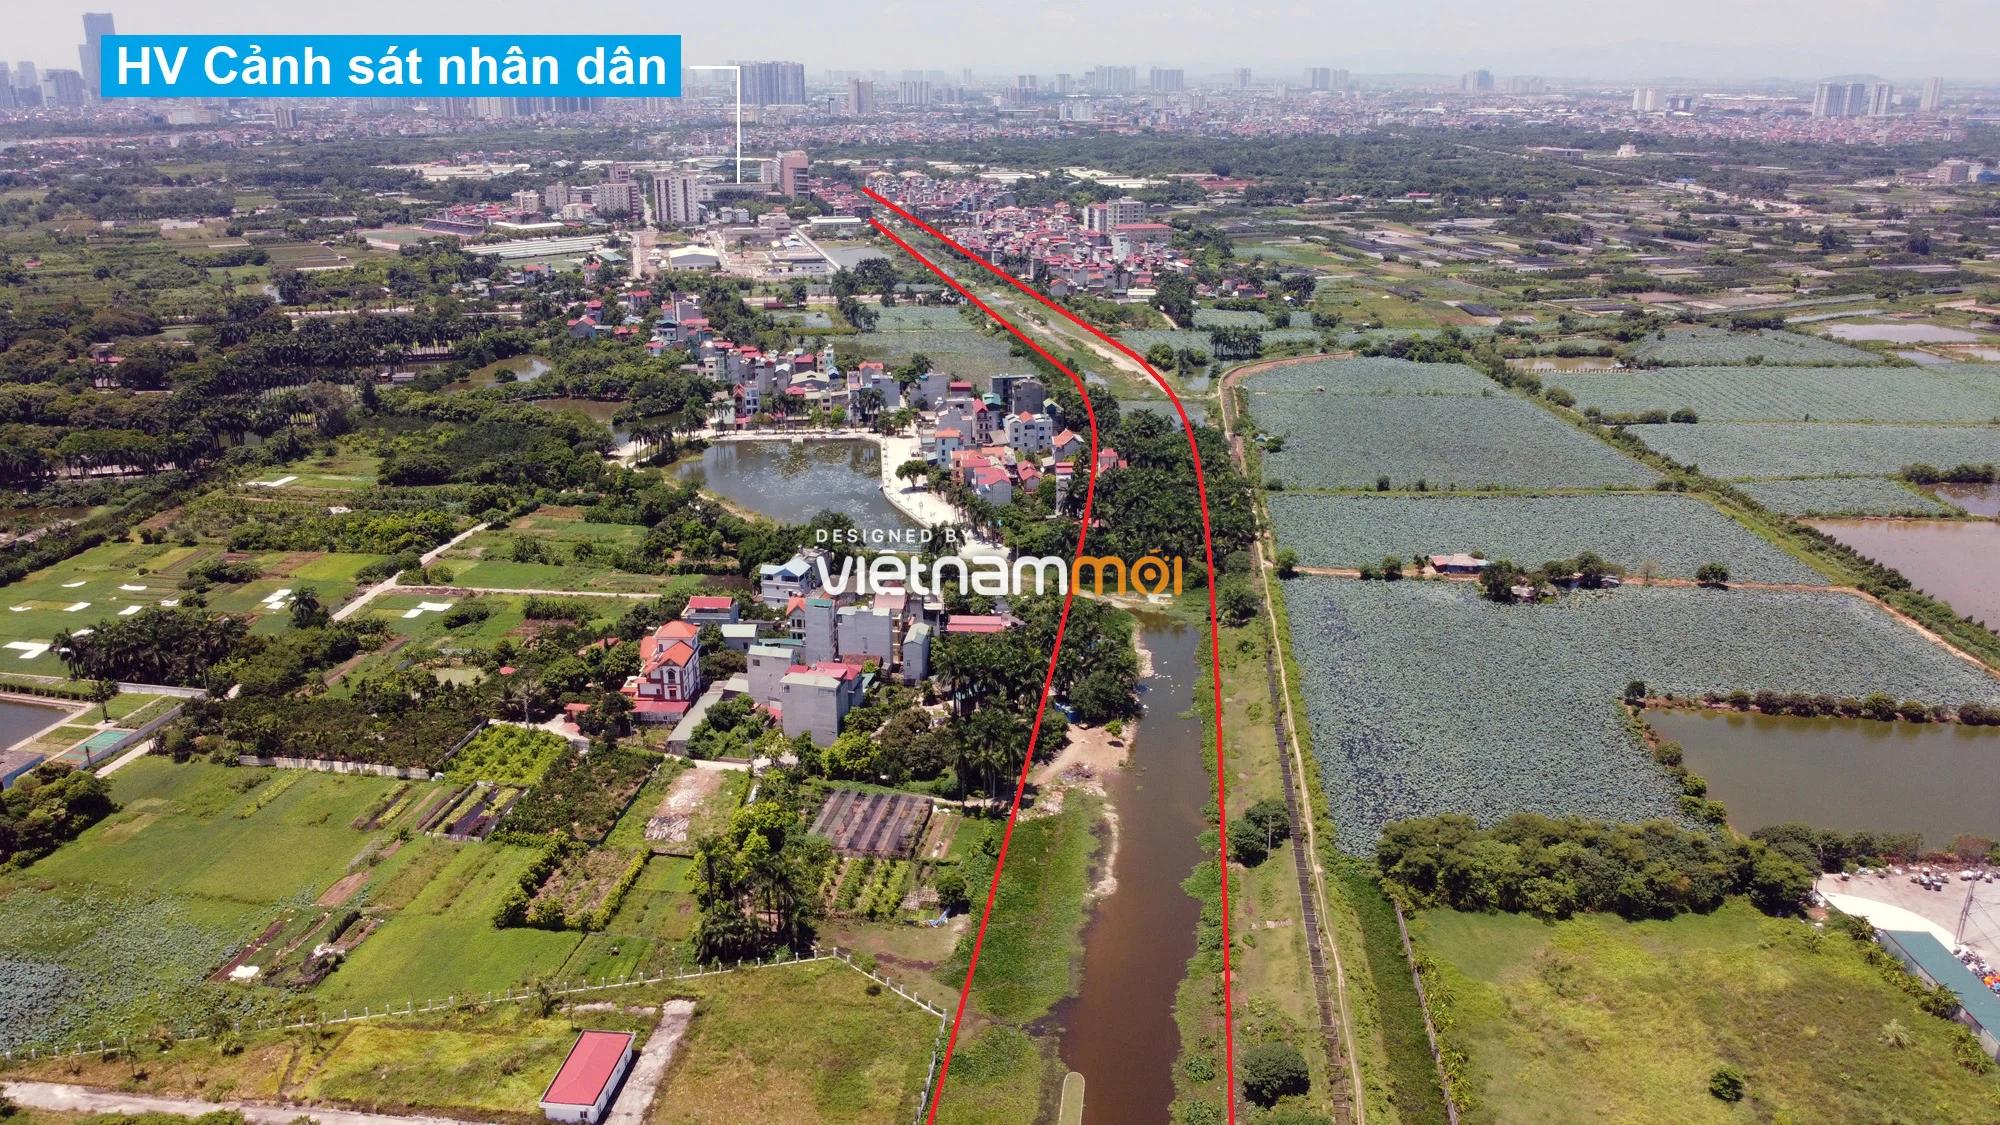 Những khu đất sắp thu hồi để mở đường ở quận Bắc Từ Liêm, Hà Nội (phần 3) - Ảnh 6.